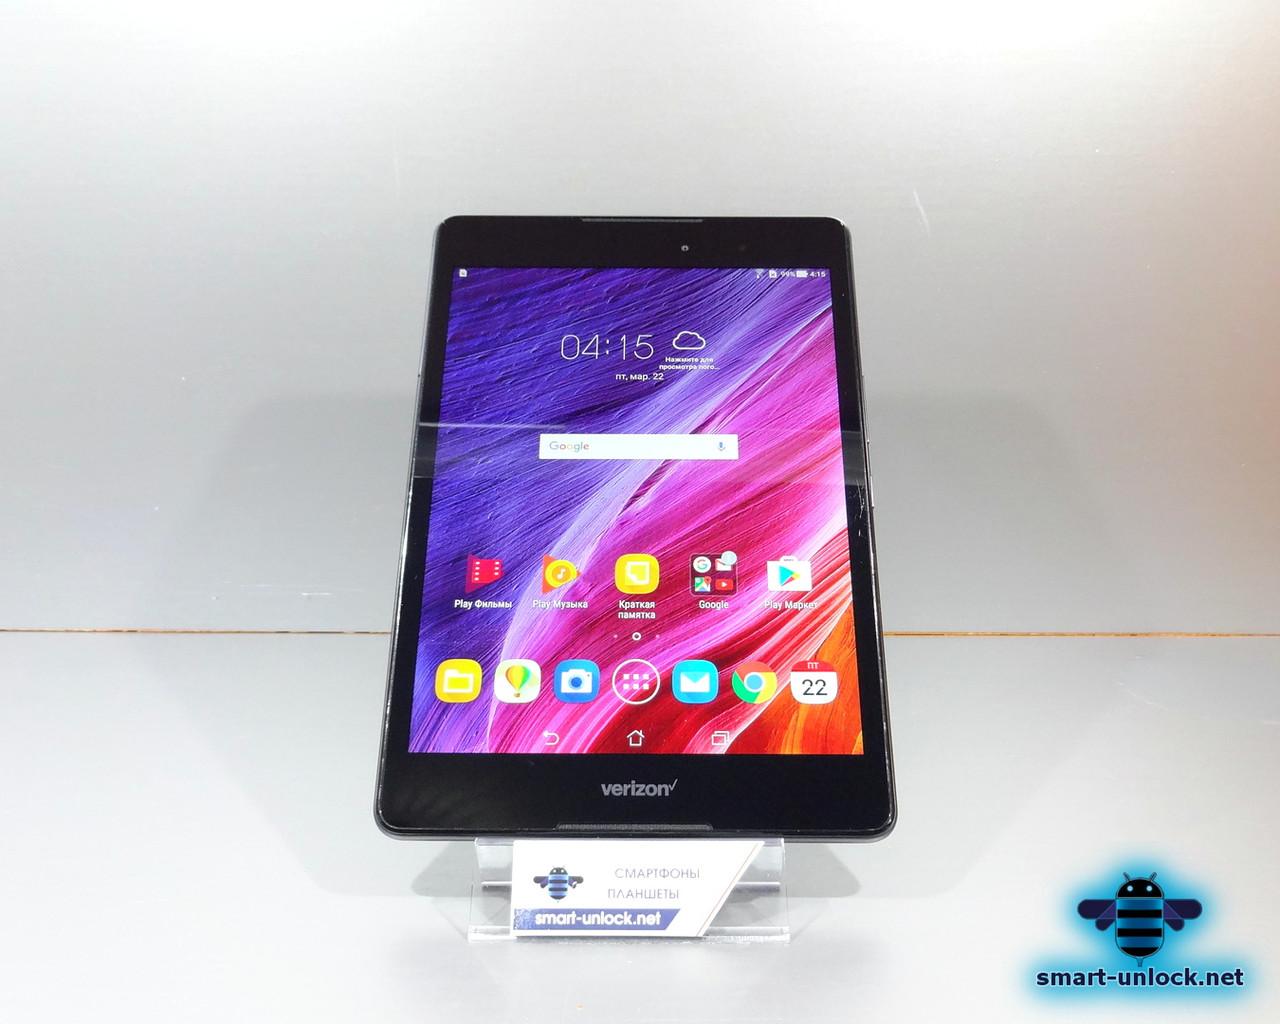 Планшет Asus ZenPad Z8 Покупка без риска. Гарантия!